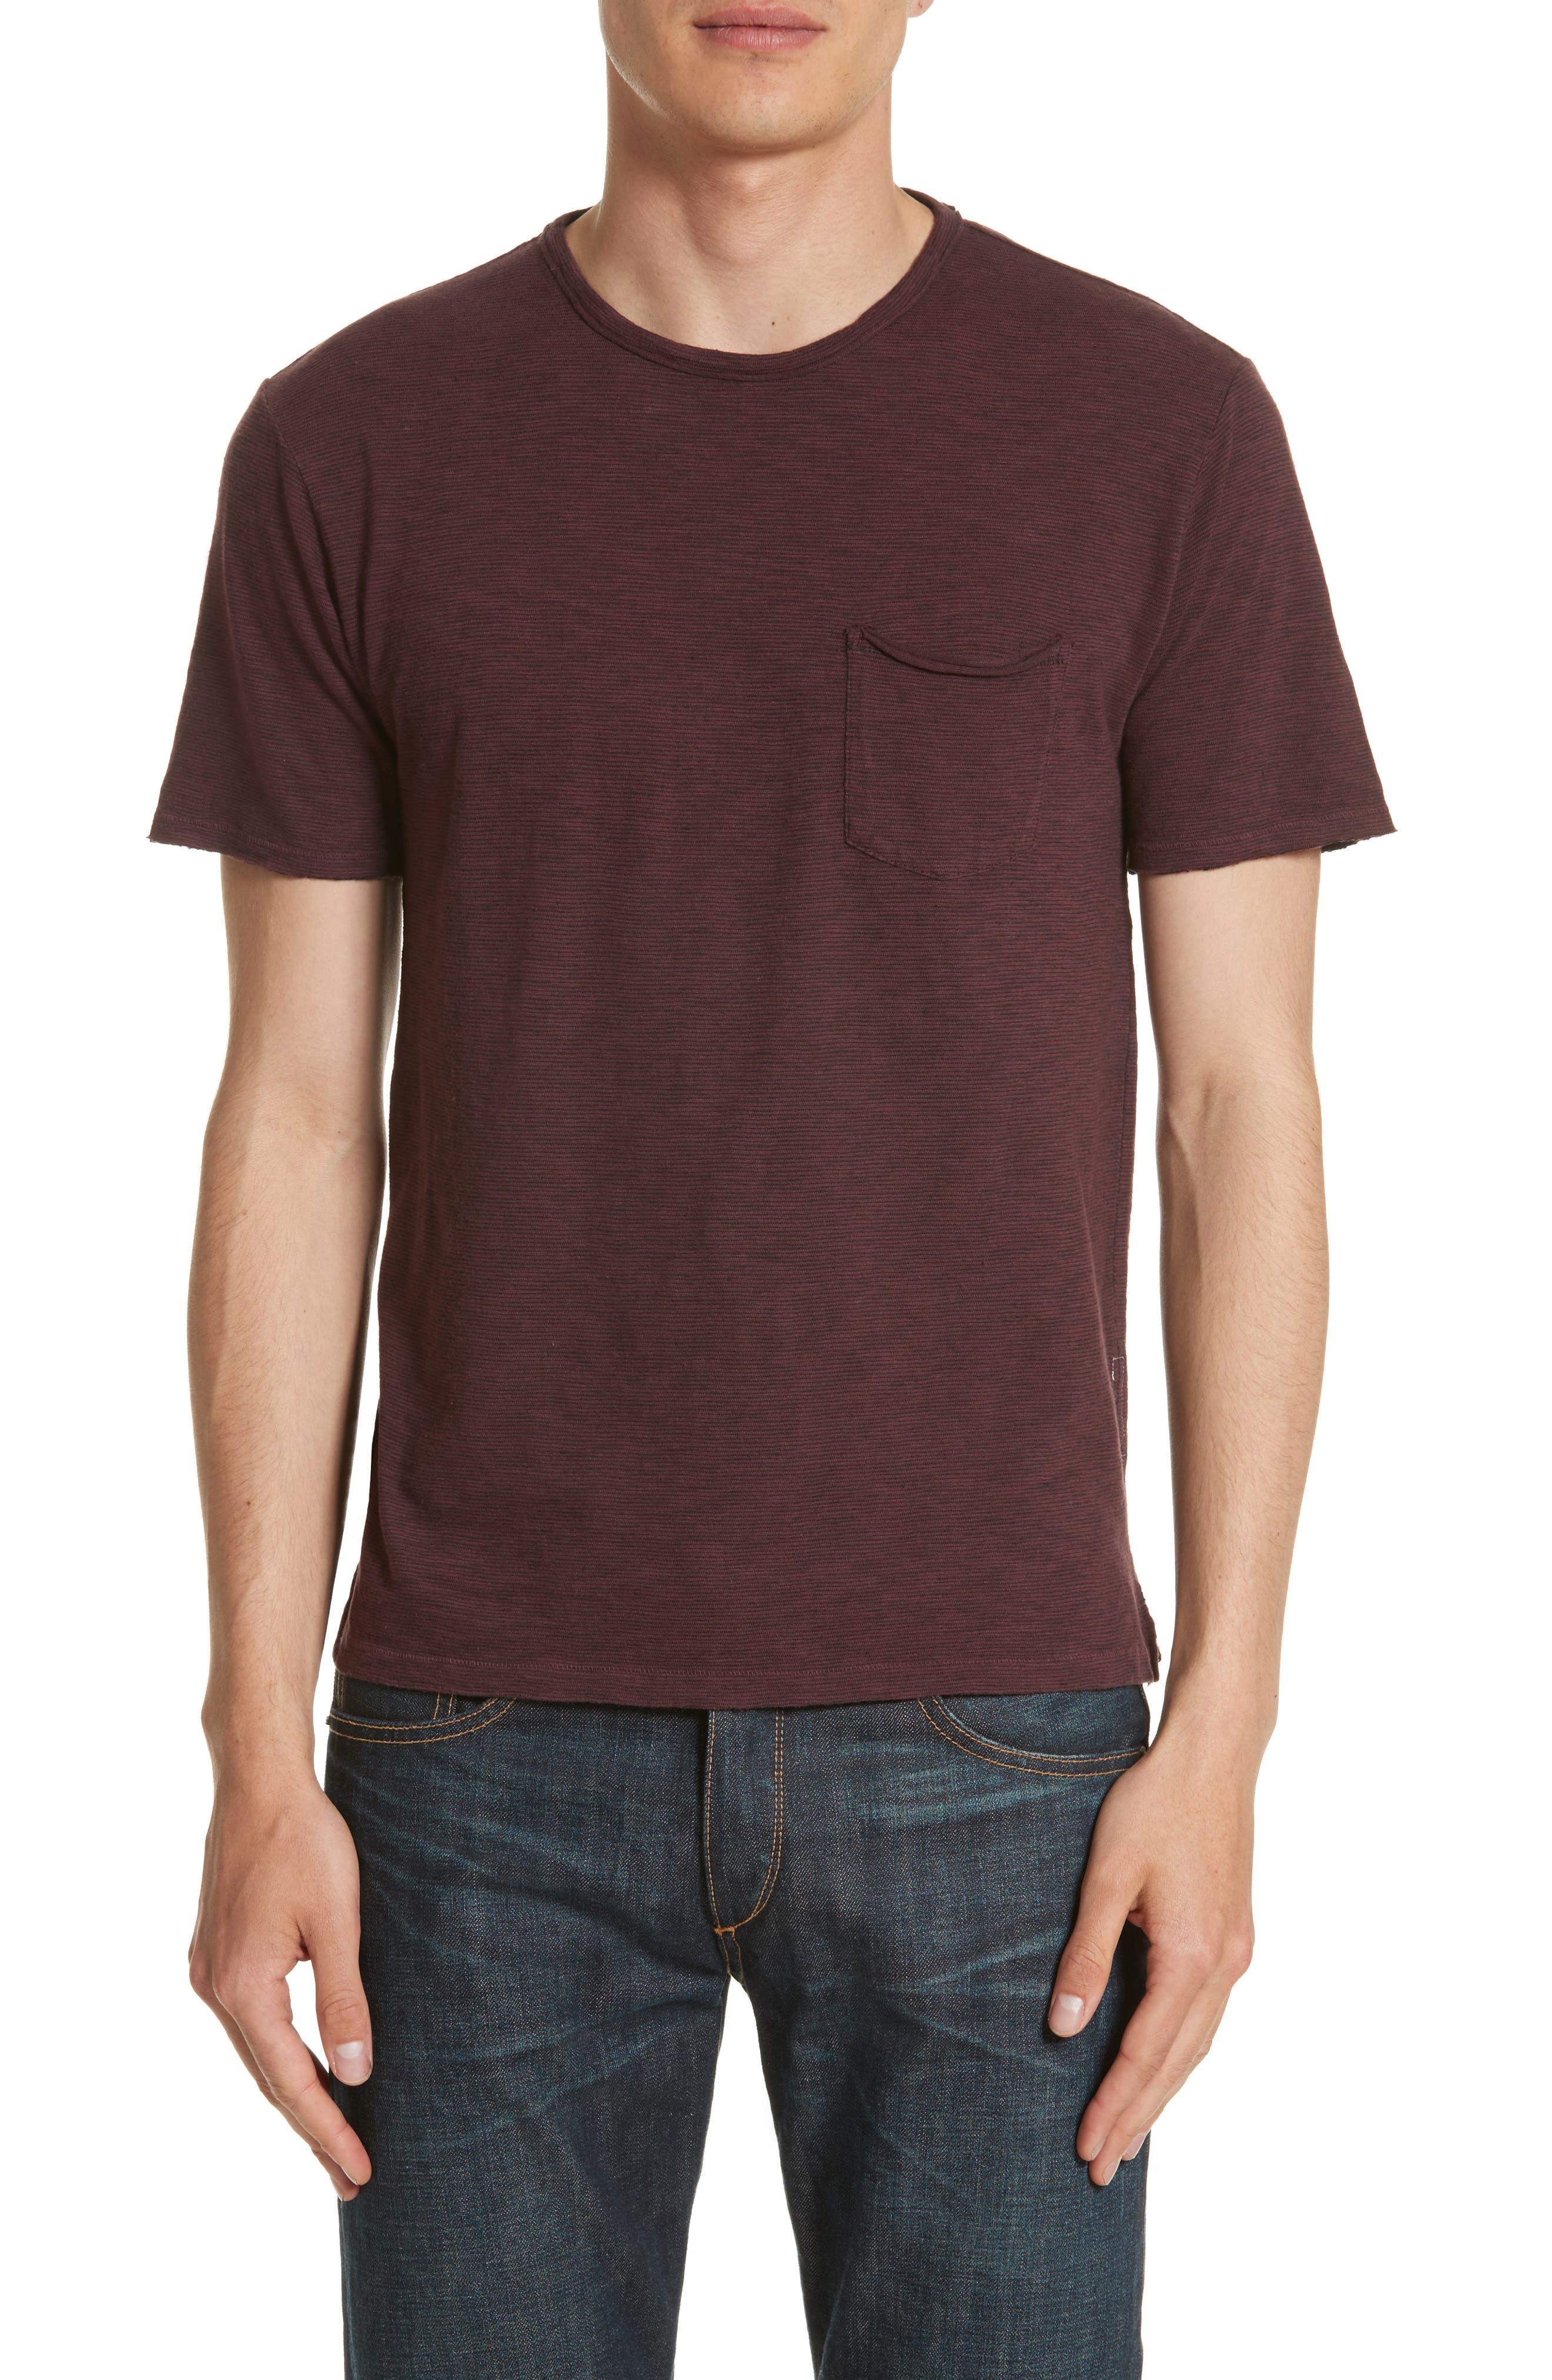 Owen Pocket T-Shirt,                             Main thumbnail 1, color,                             Mohagany